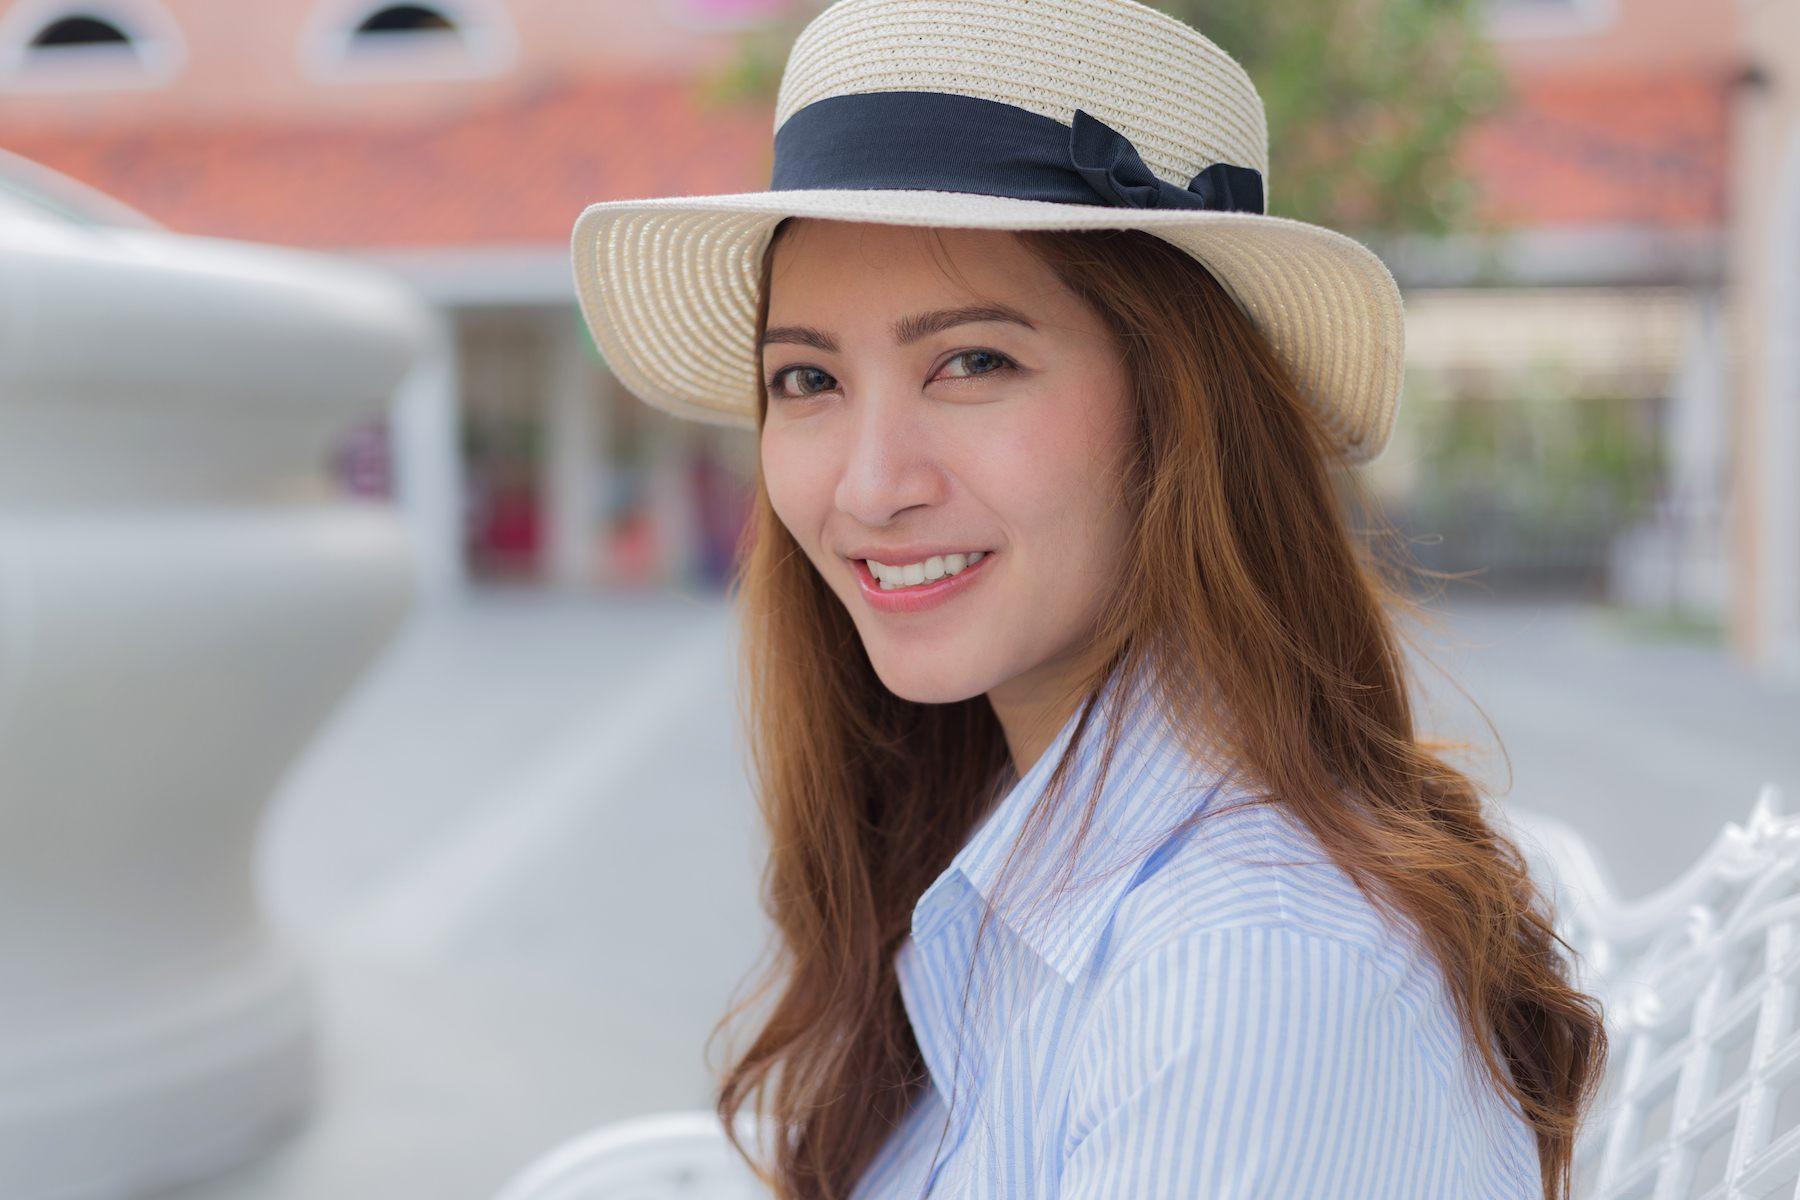 Wanita asia dengan warna rambut light golden blonde